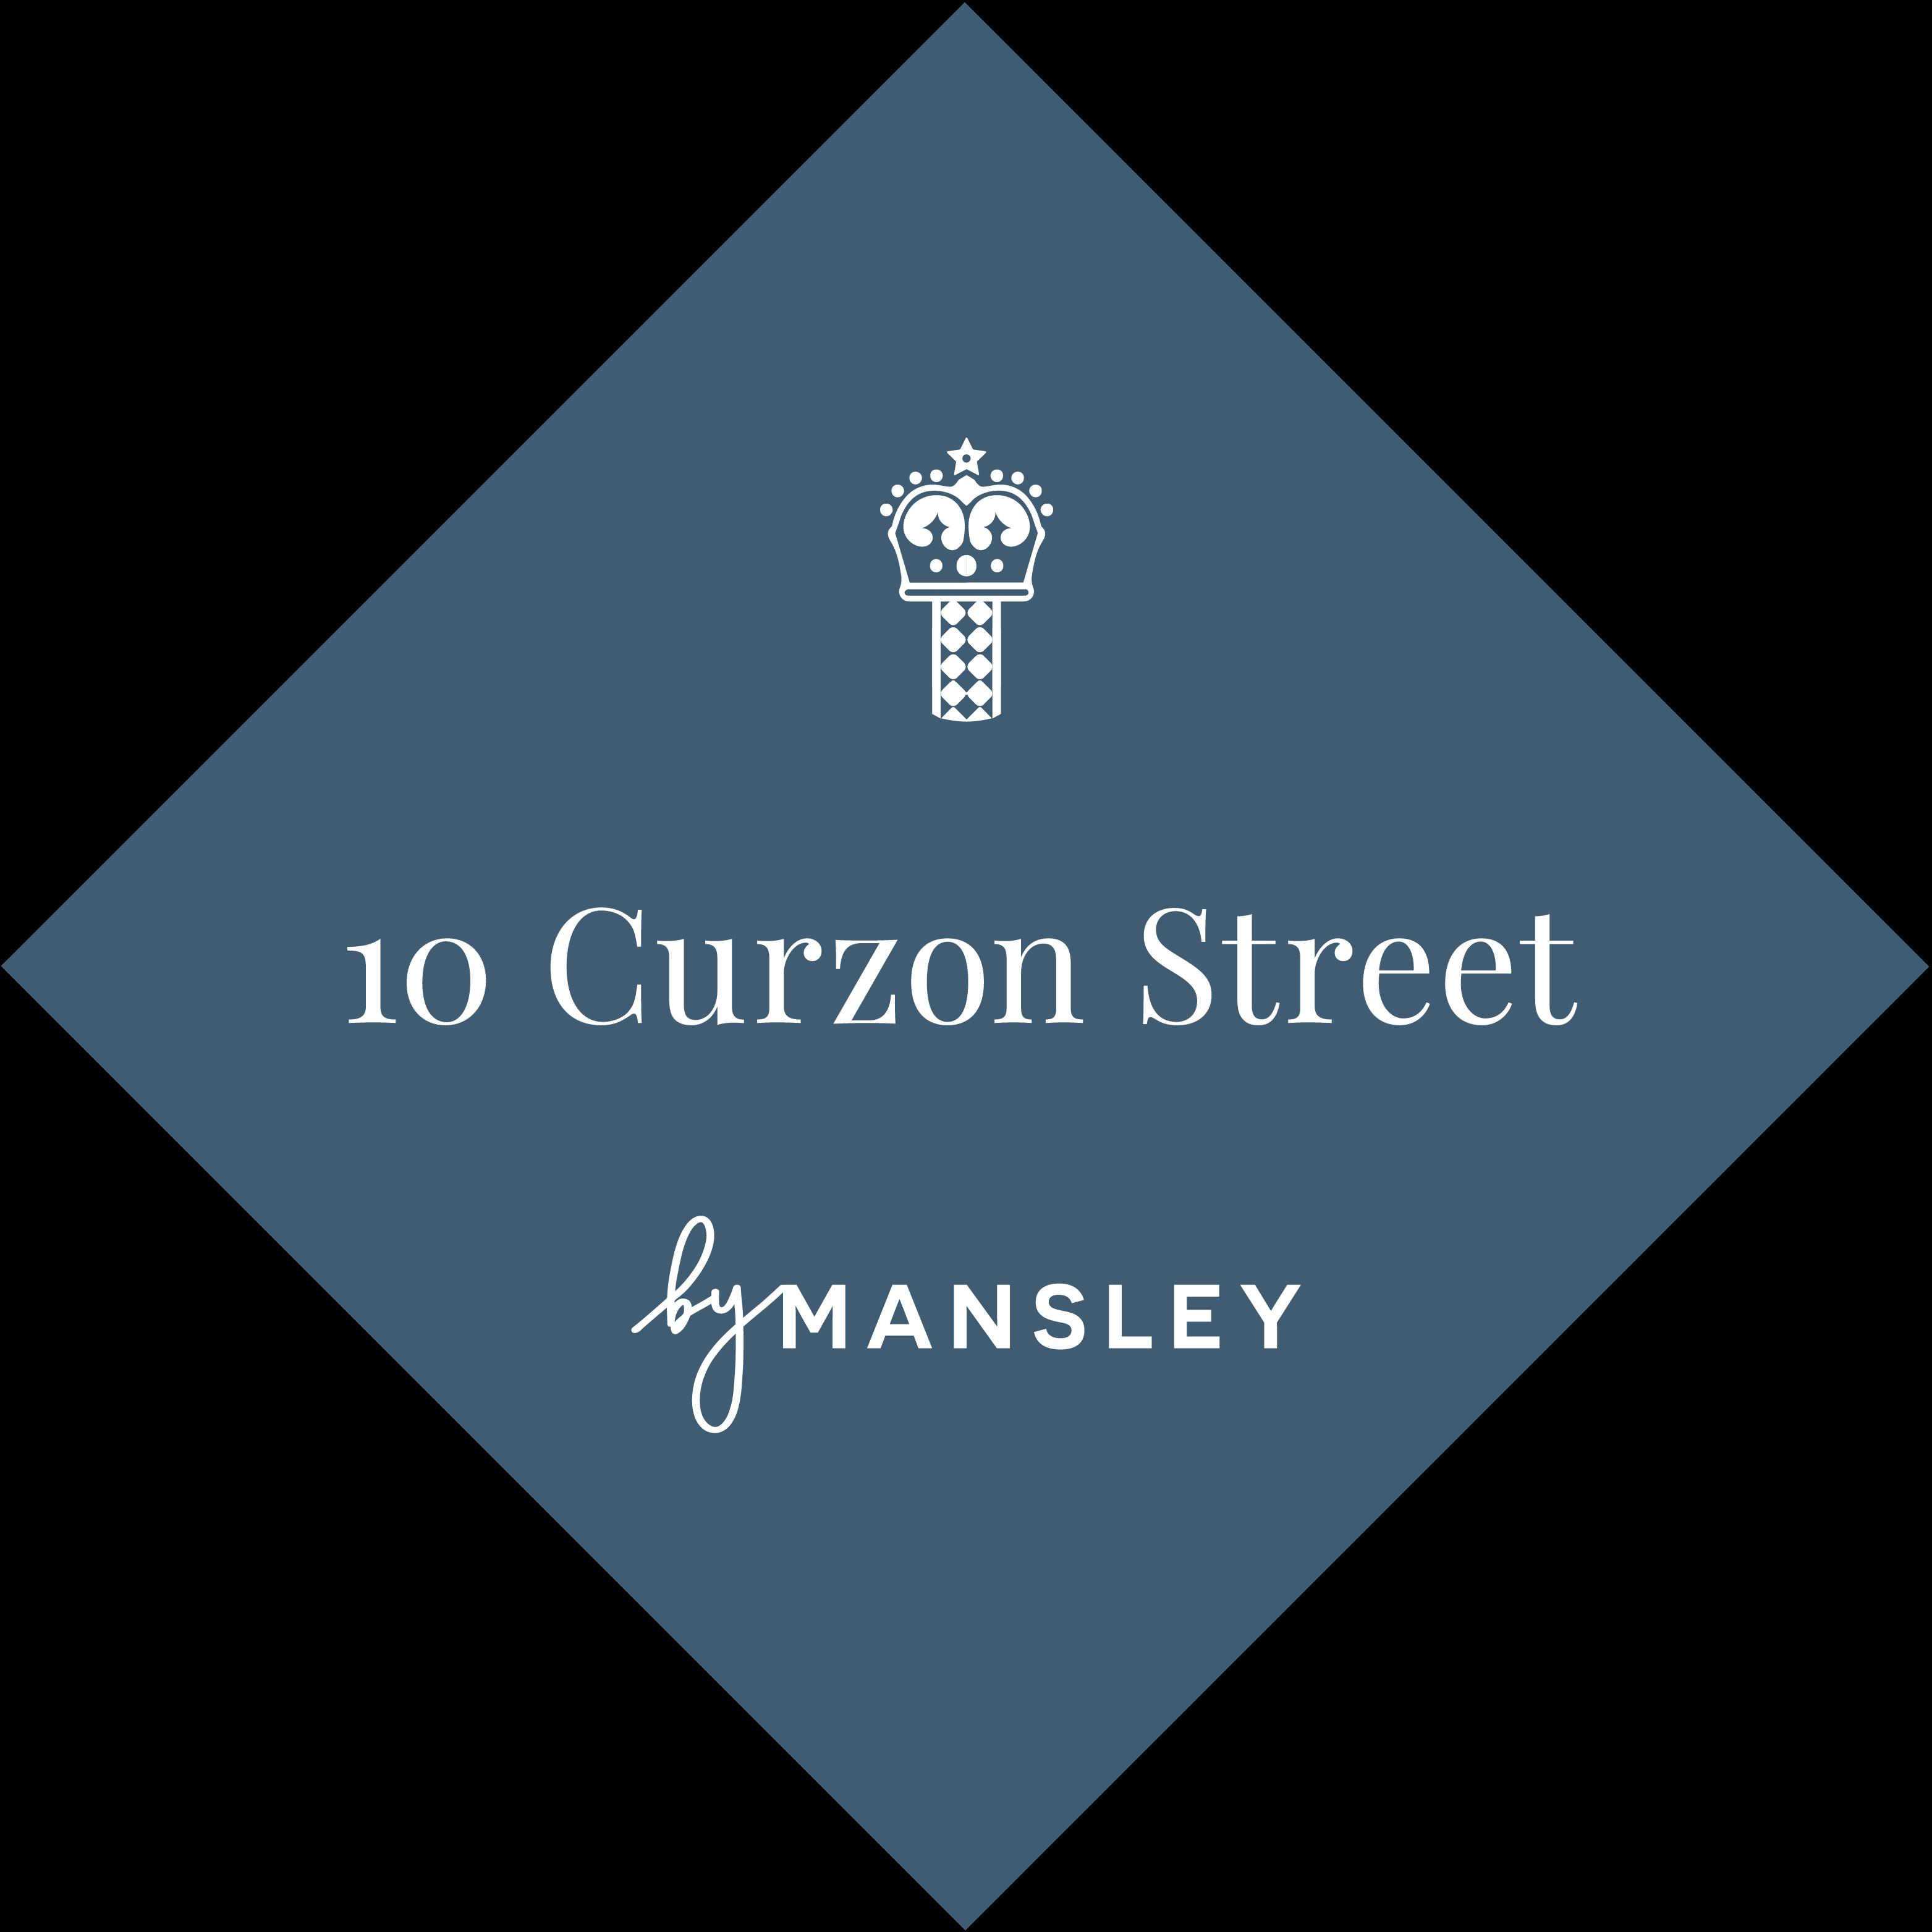 10 curzon street diamond icon